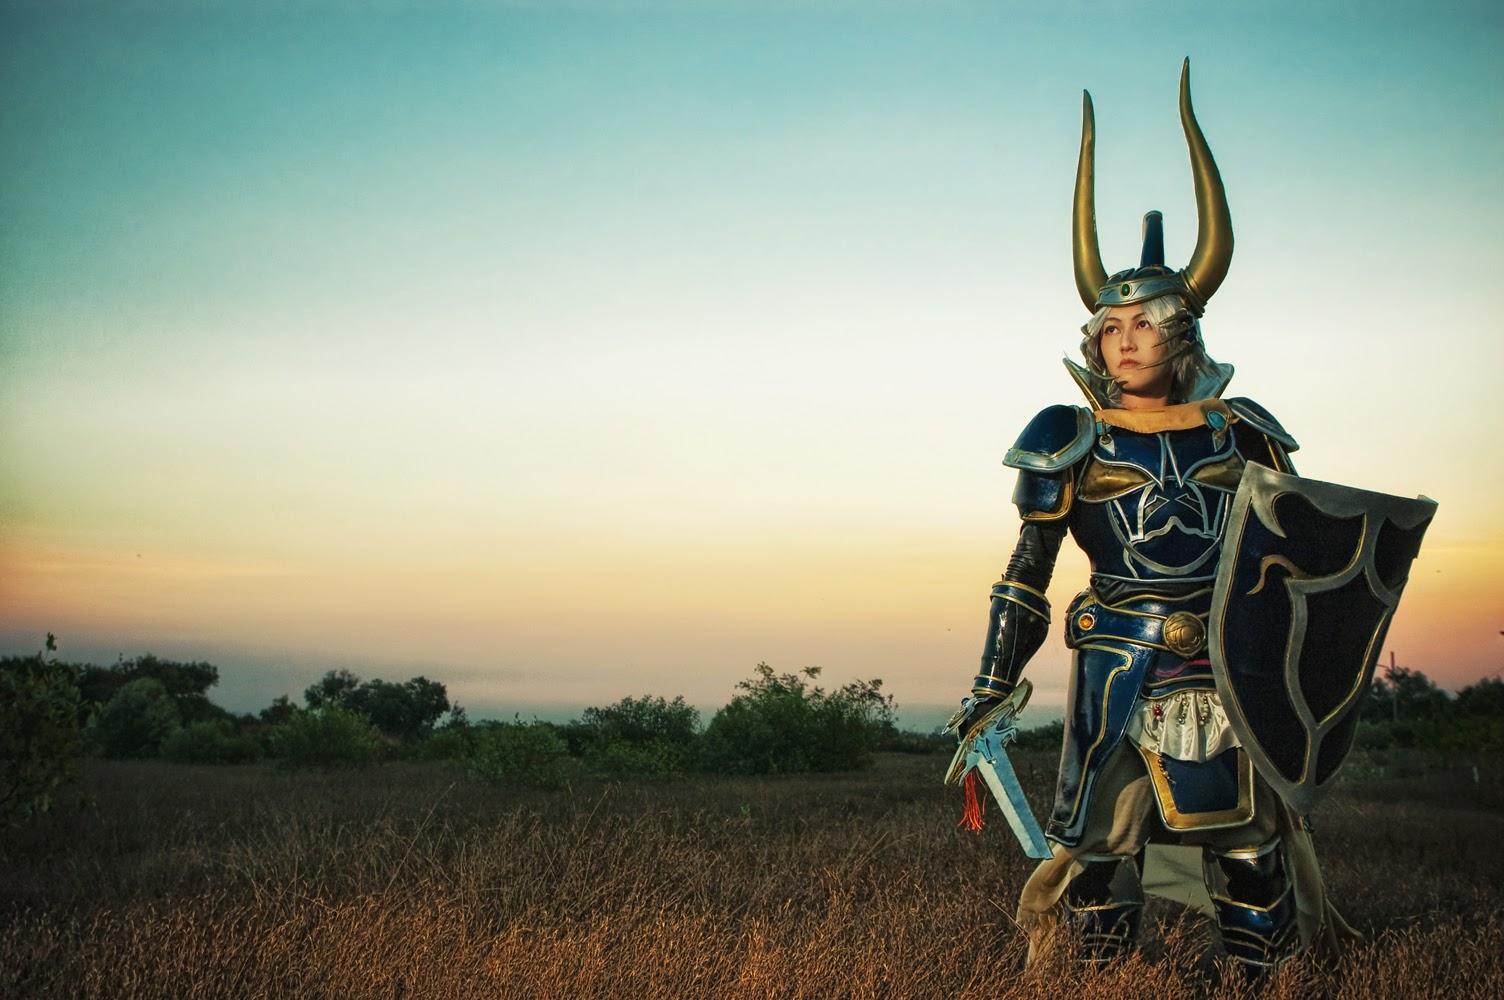 photo de cosplay féminin en armure, épée et bouclier  avec casque à cornes dans un champ